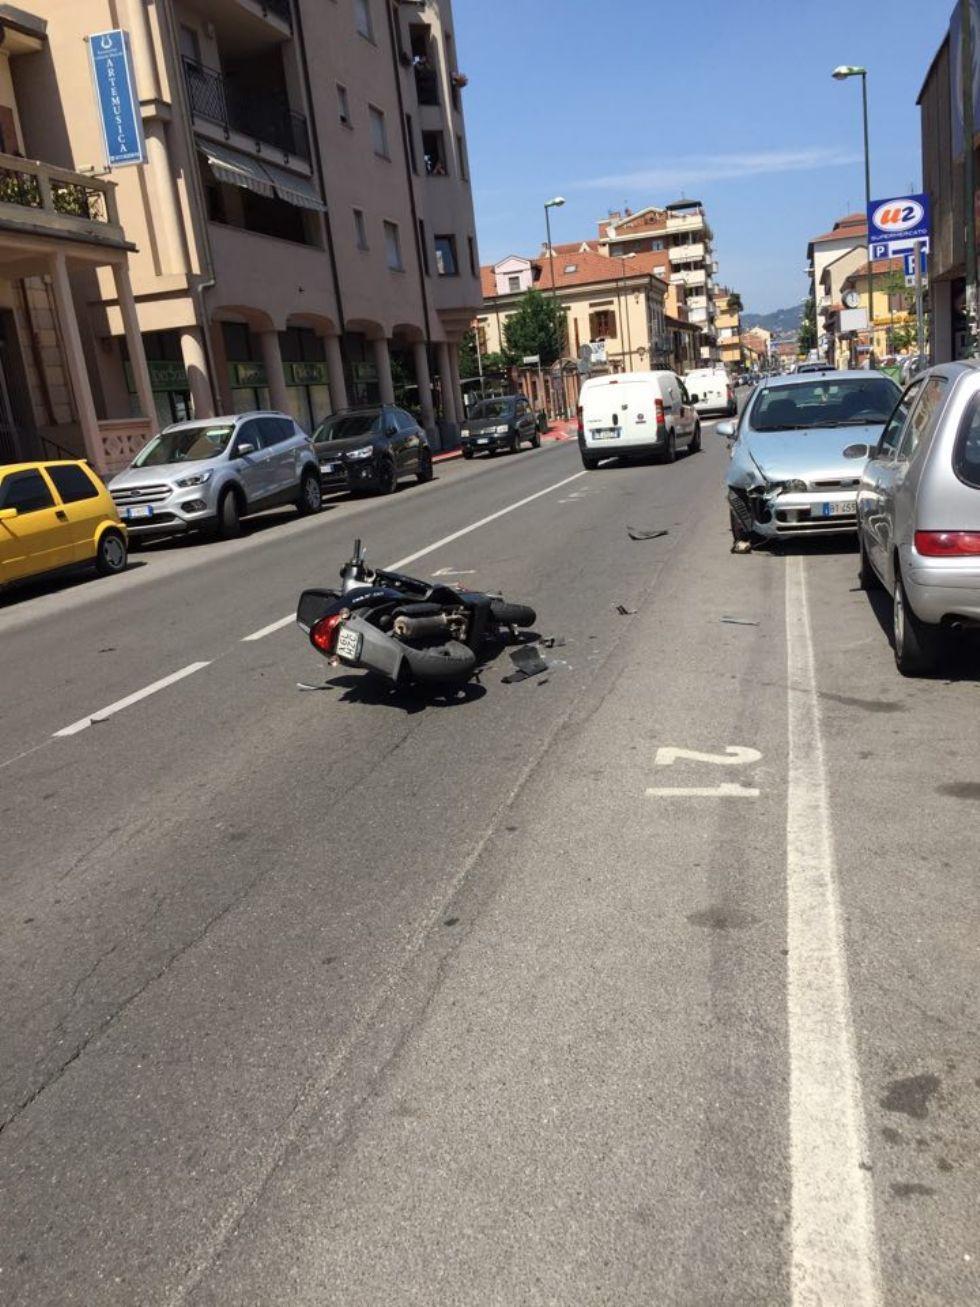 NICHELINO - Incidente in via Torino: scooterista in ospedale